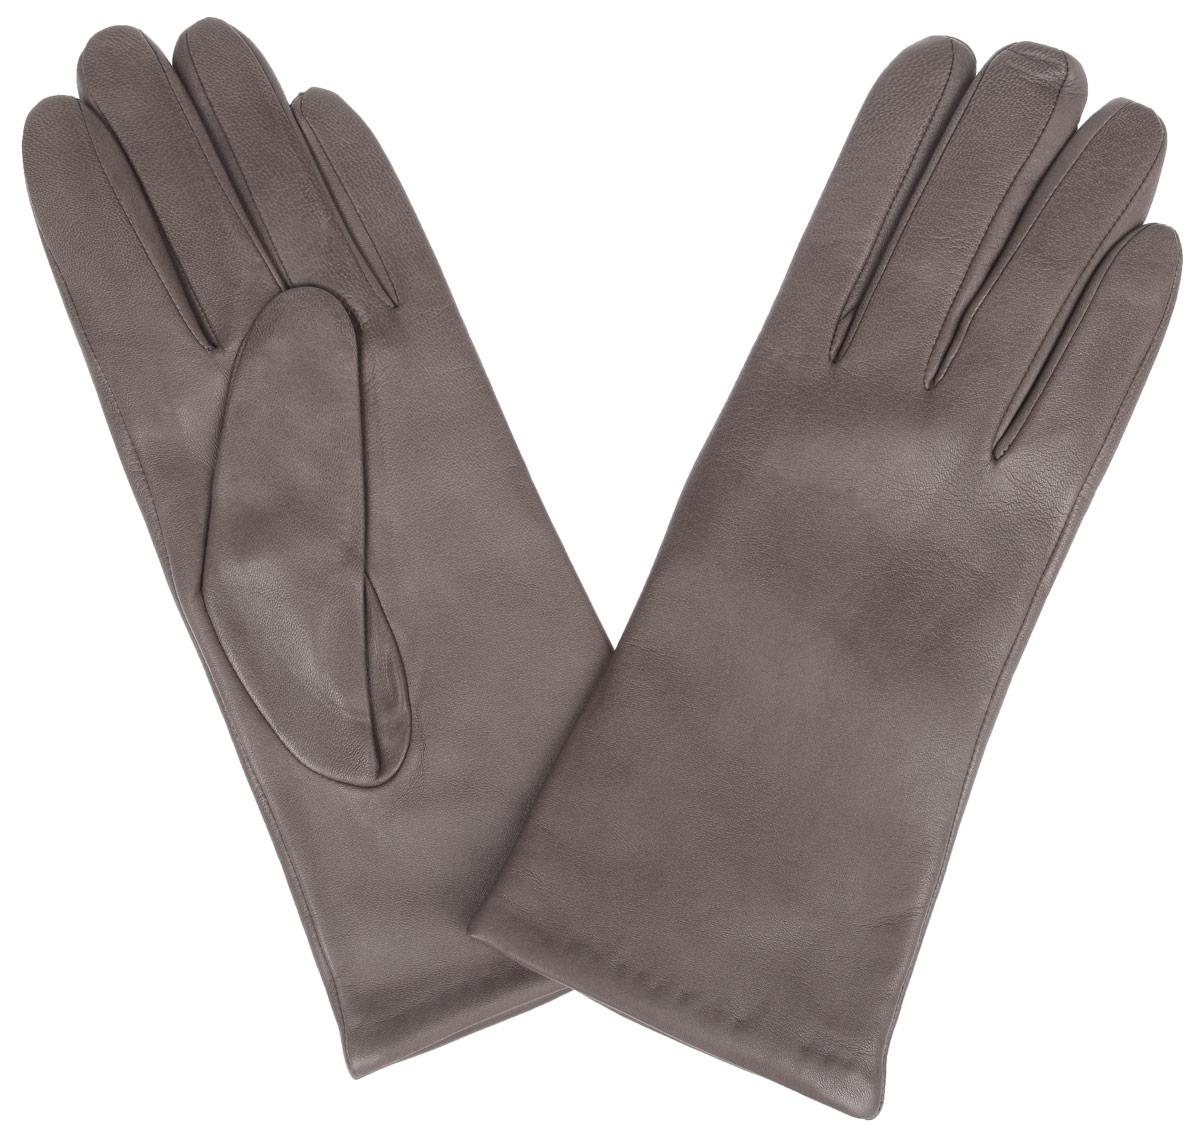 Перчатки женские Eleganzza, цвет: серо-коричневый. IS0190. Размер 6,5IS0190Стильные женские перчатки Eleganzza не только защитят ваши руки от холода, но и станут великолепным украшением. Перчатки выполнены из натуральной кожи ягненка, подкладка - из 100% искусственного шелка.В настоящее время перчатки являются неотъемлемой принадлежностью одежды, вместе с этим аксессуаром вы обретаете женственность и элегантность. Перчатки станут завершающим и подчеркивающим элементом вашего стиля и неповторимости.